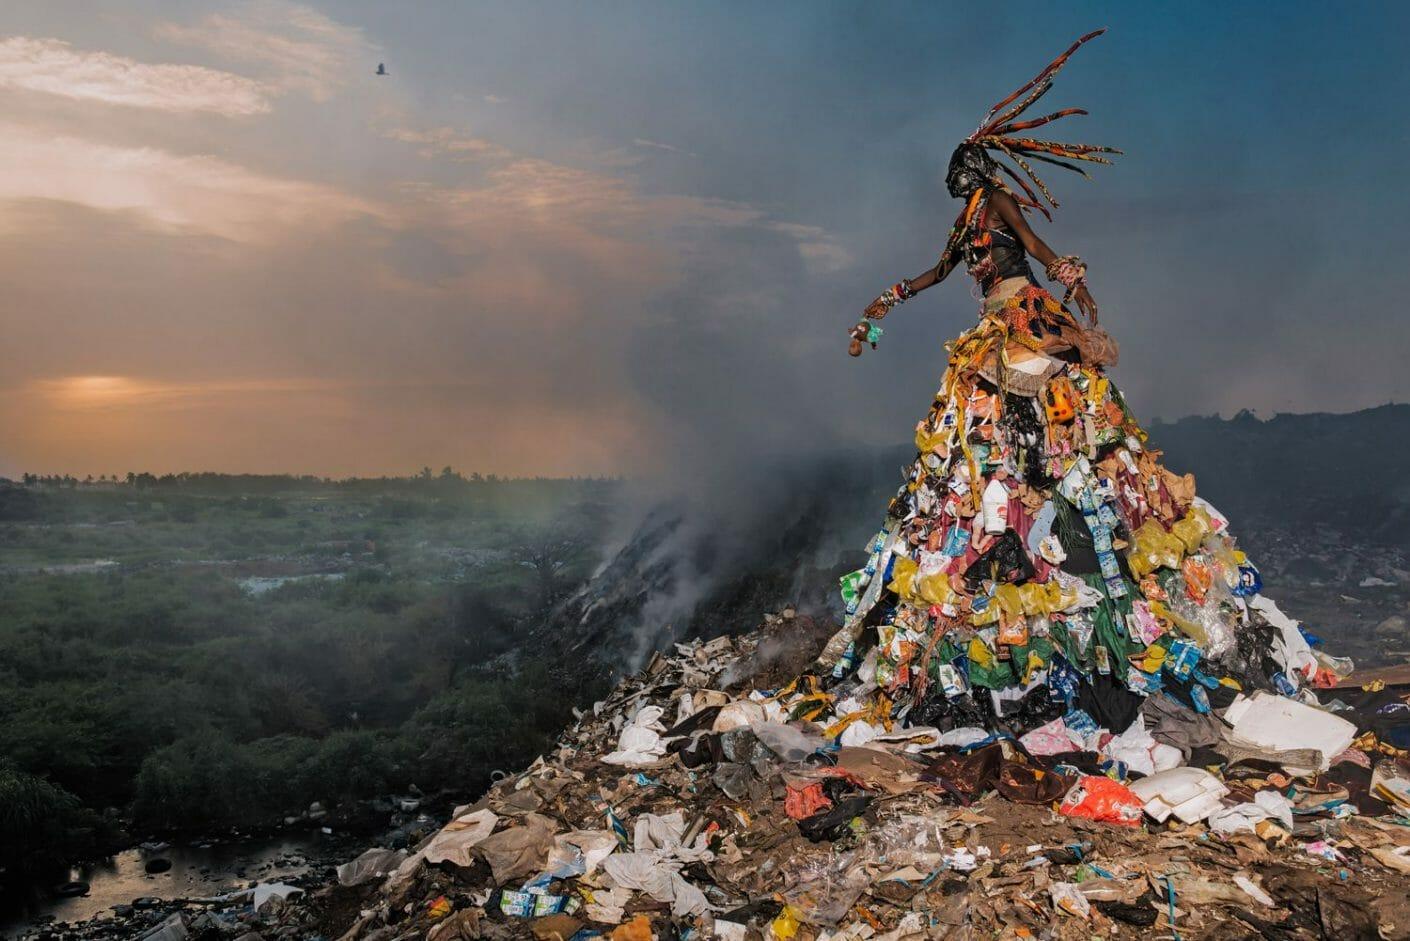 Fabrice-Monteiro-Prophecy-1-2013-courtesy-MIA-Gallery